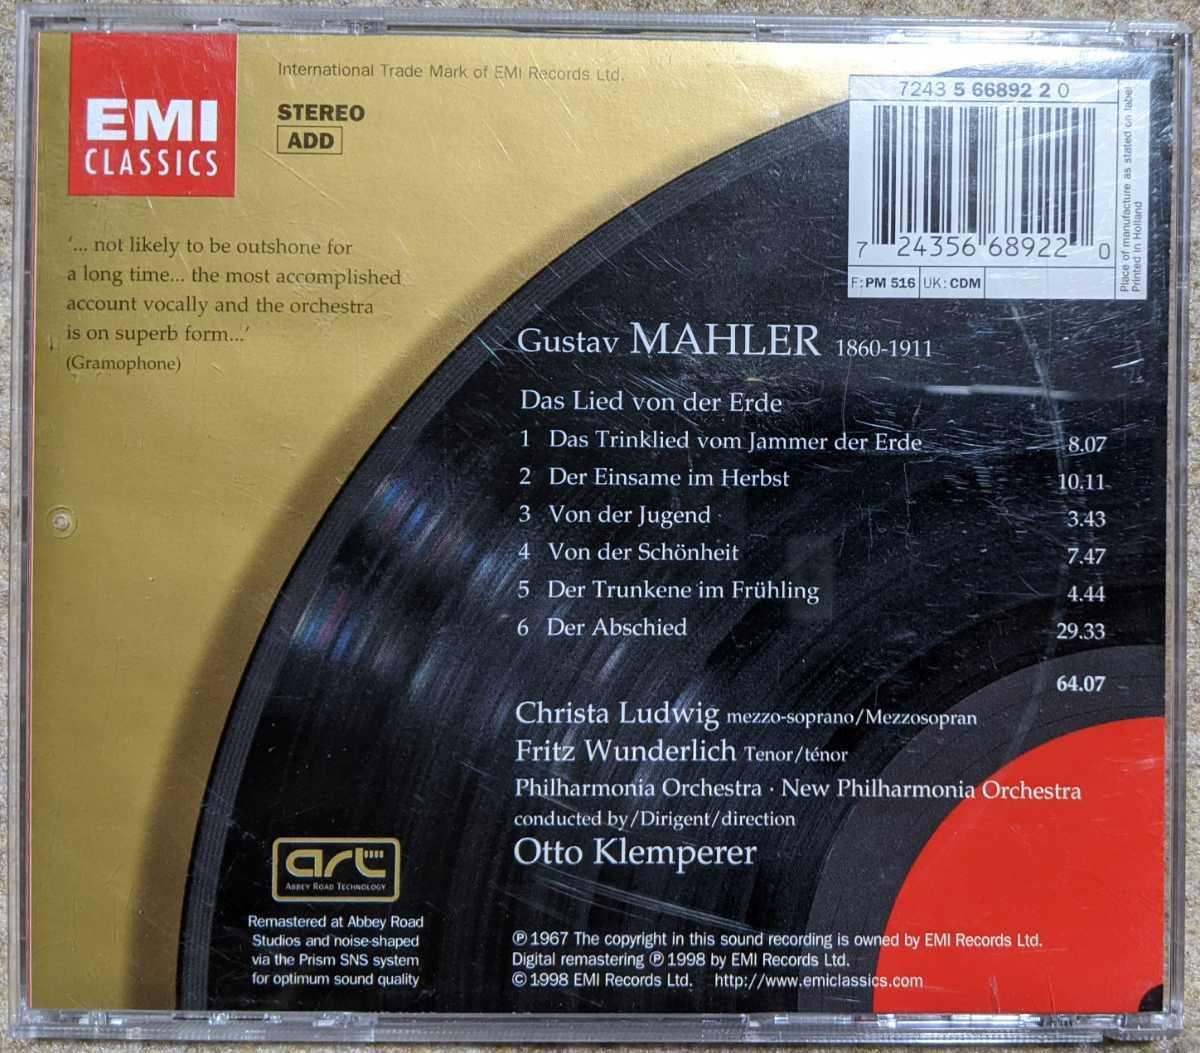 独EMI CD◎マーラー「大地の歌」クレンペラー/クリスタ・ルートヴィヒ/フリッツ・ヴンダーリヒ/フィルハーモニア管弦楽団_画像2